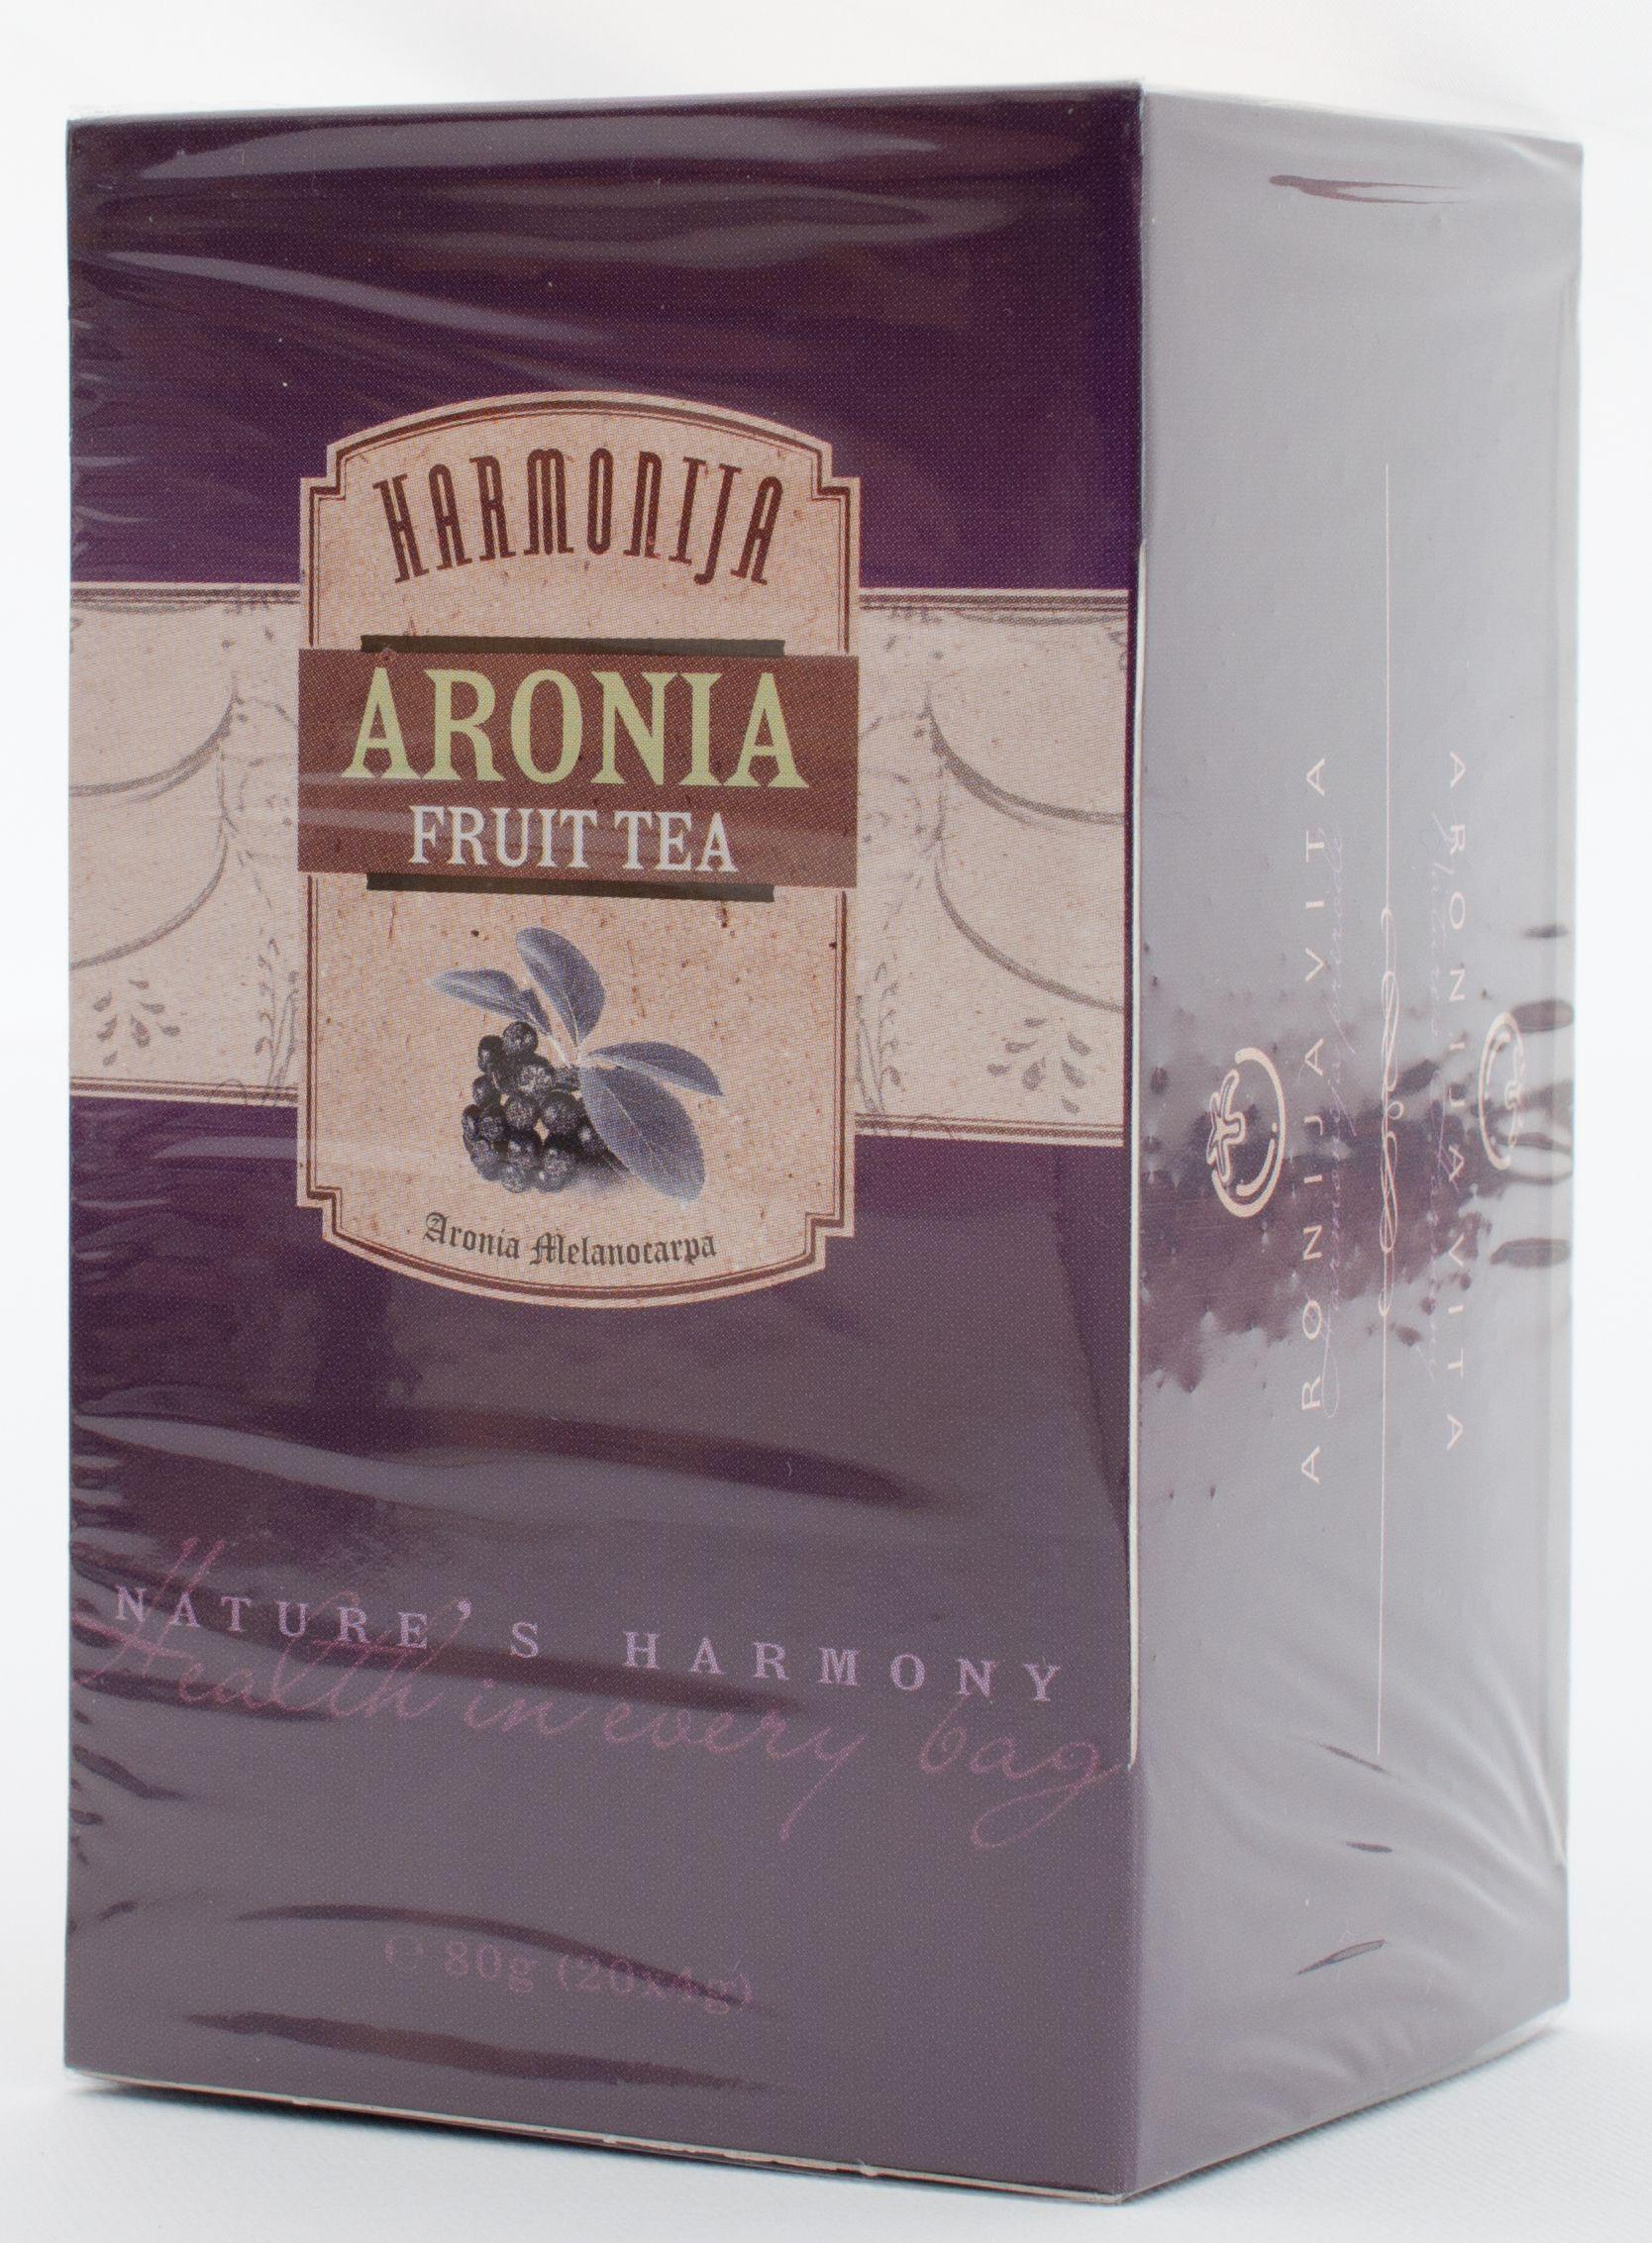 Aronia Fruit Tea